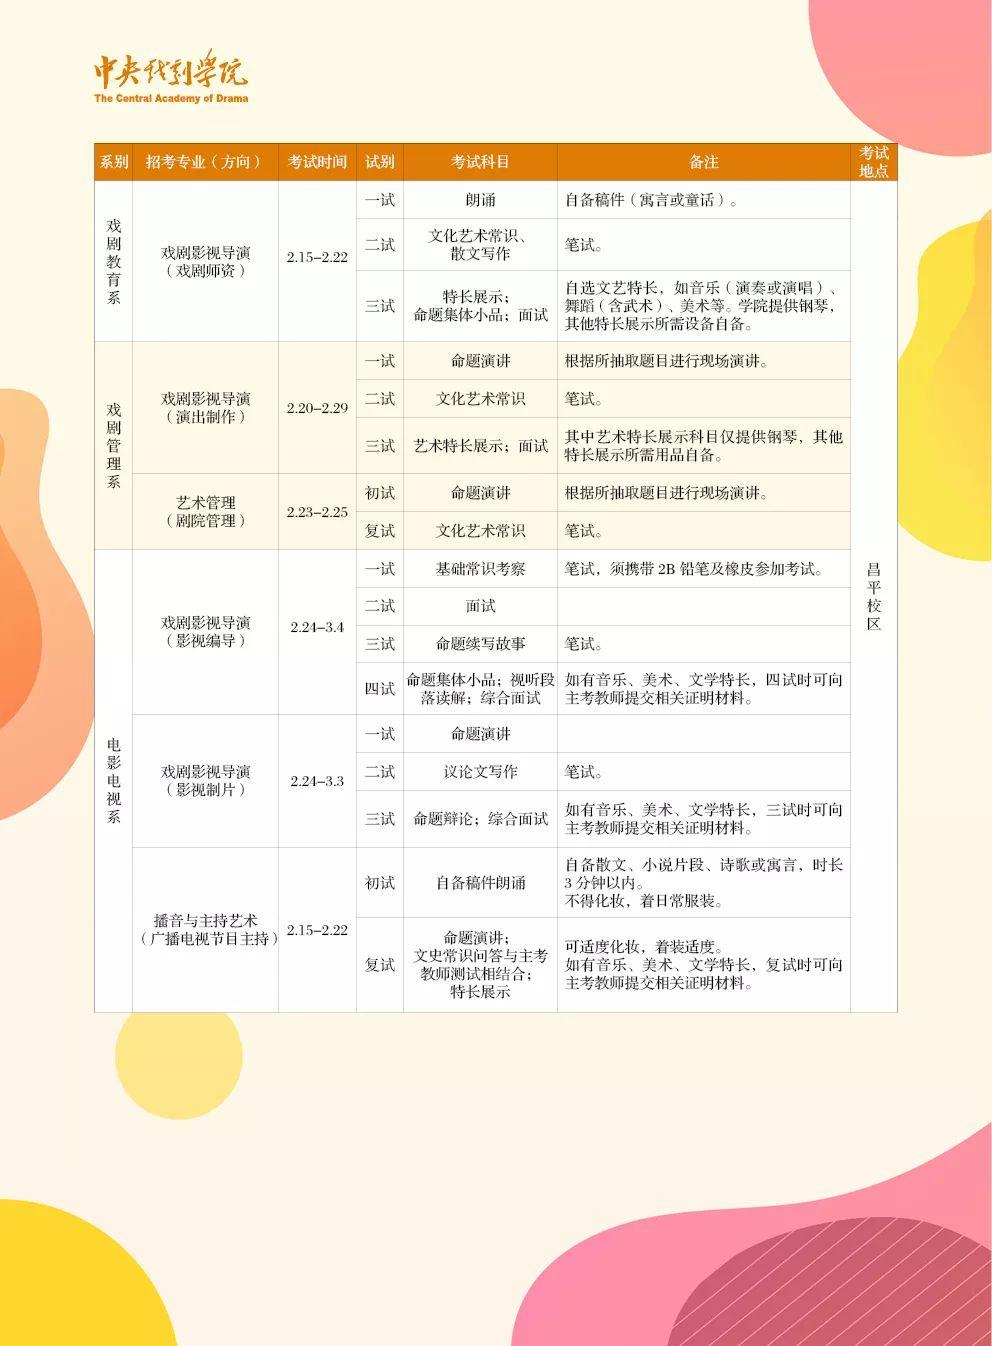 中国传媒大学,北京电影学院,中央戏剧学院,北京巅峰广艺画室       45